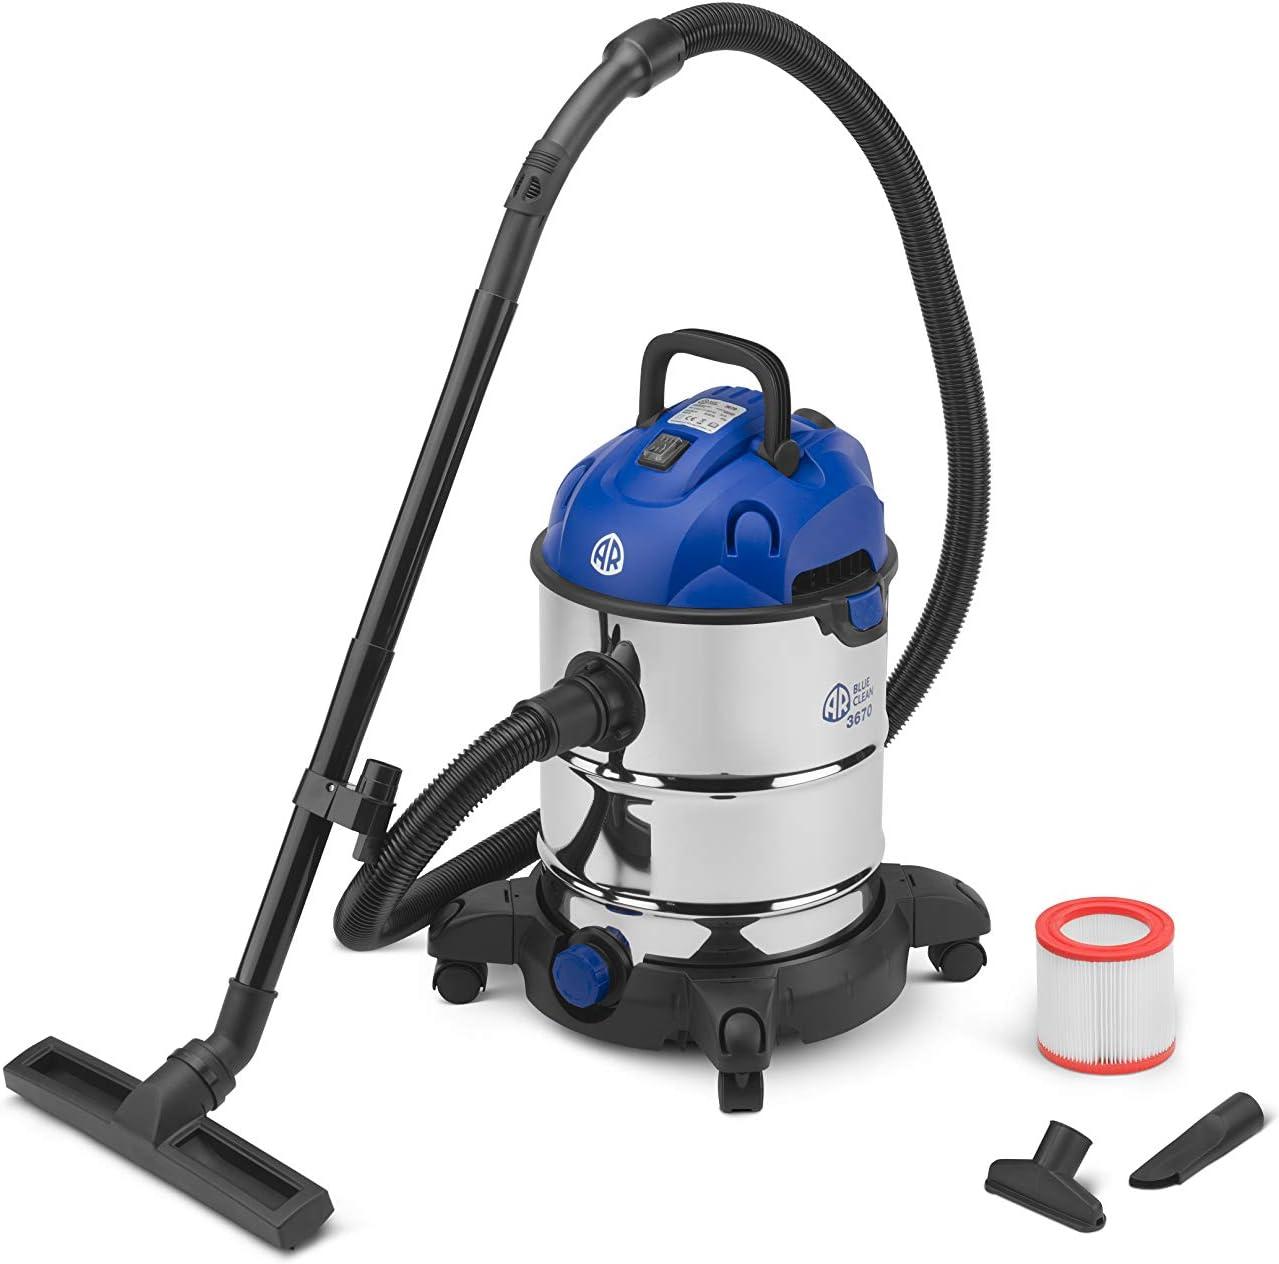 AR Blue Clean 3370 - Aspirador sólido y líquido, 3670: Amazon.es: Bricolaje y herramientas